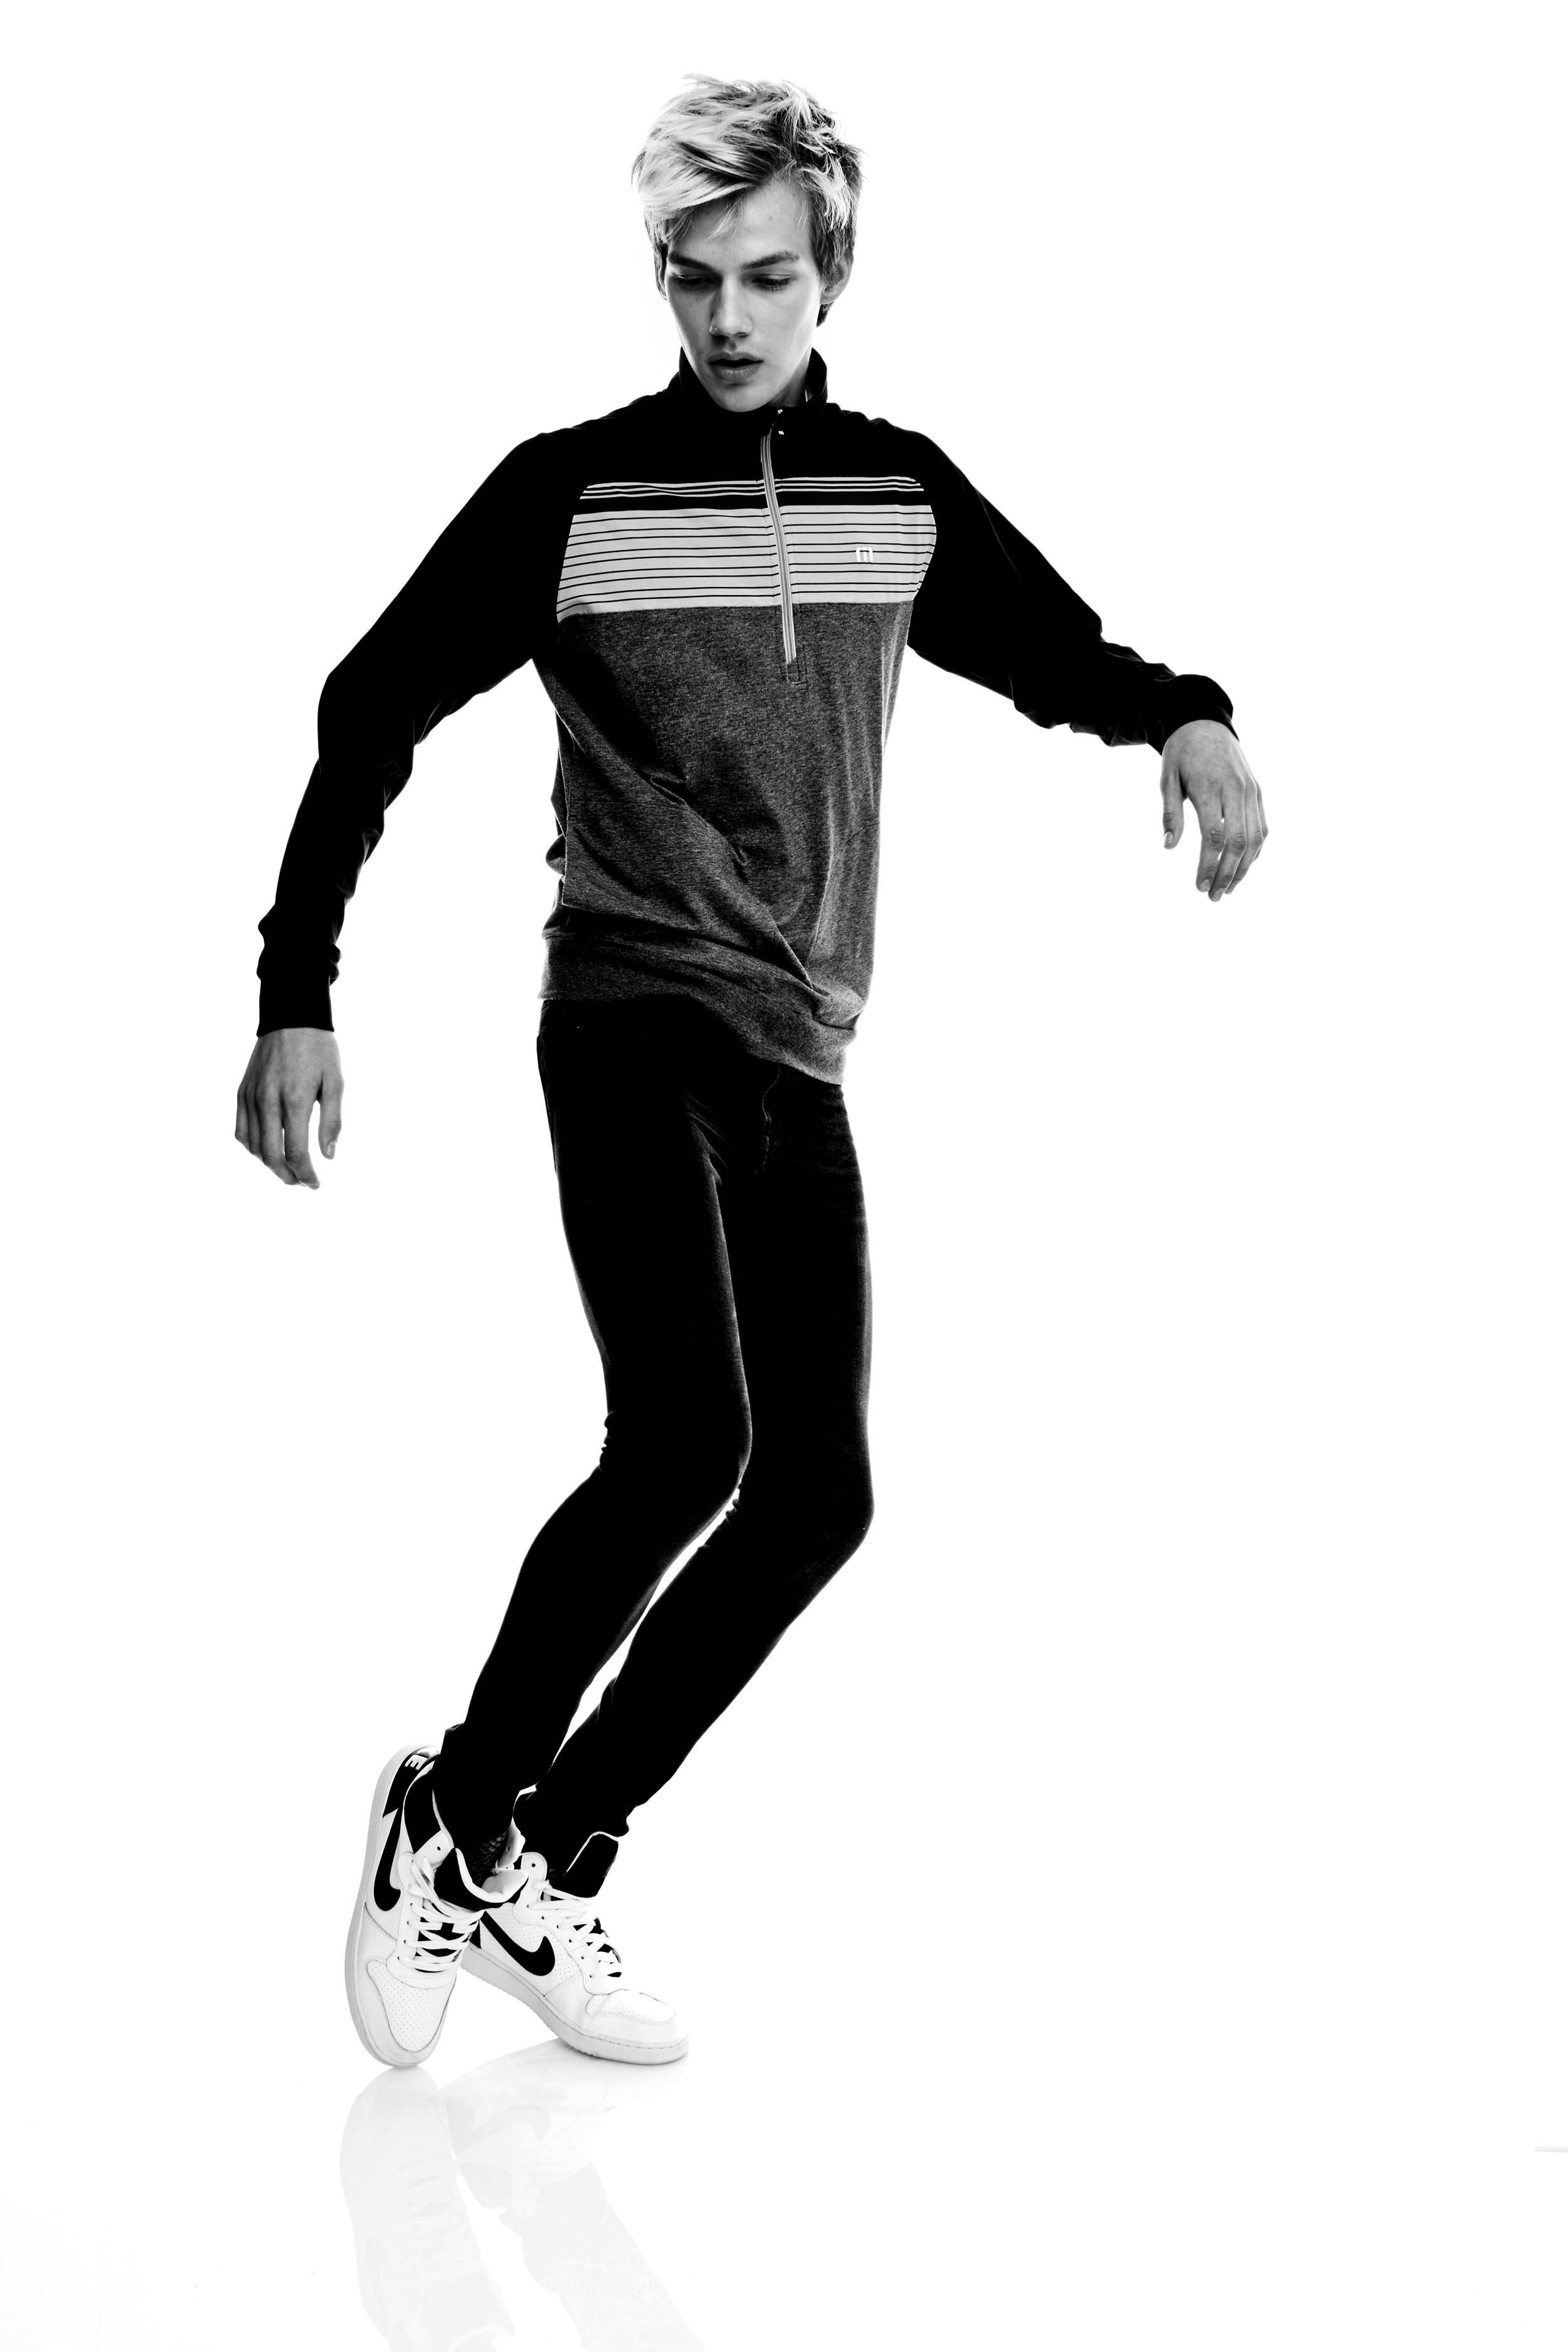 urban sports fashion 34509 1.jpg